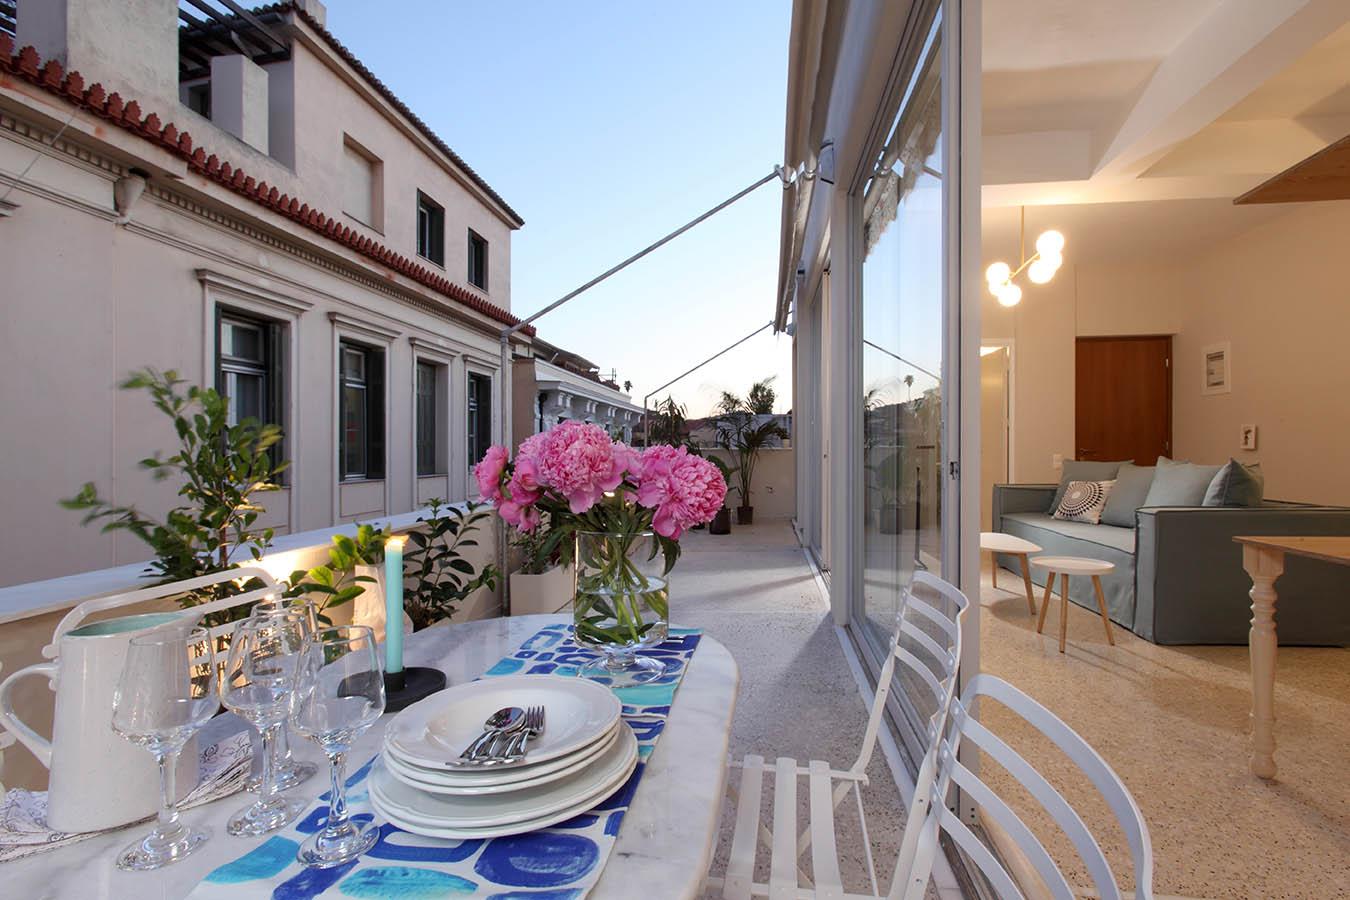 Queen Suite with terrace